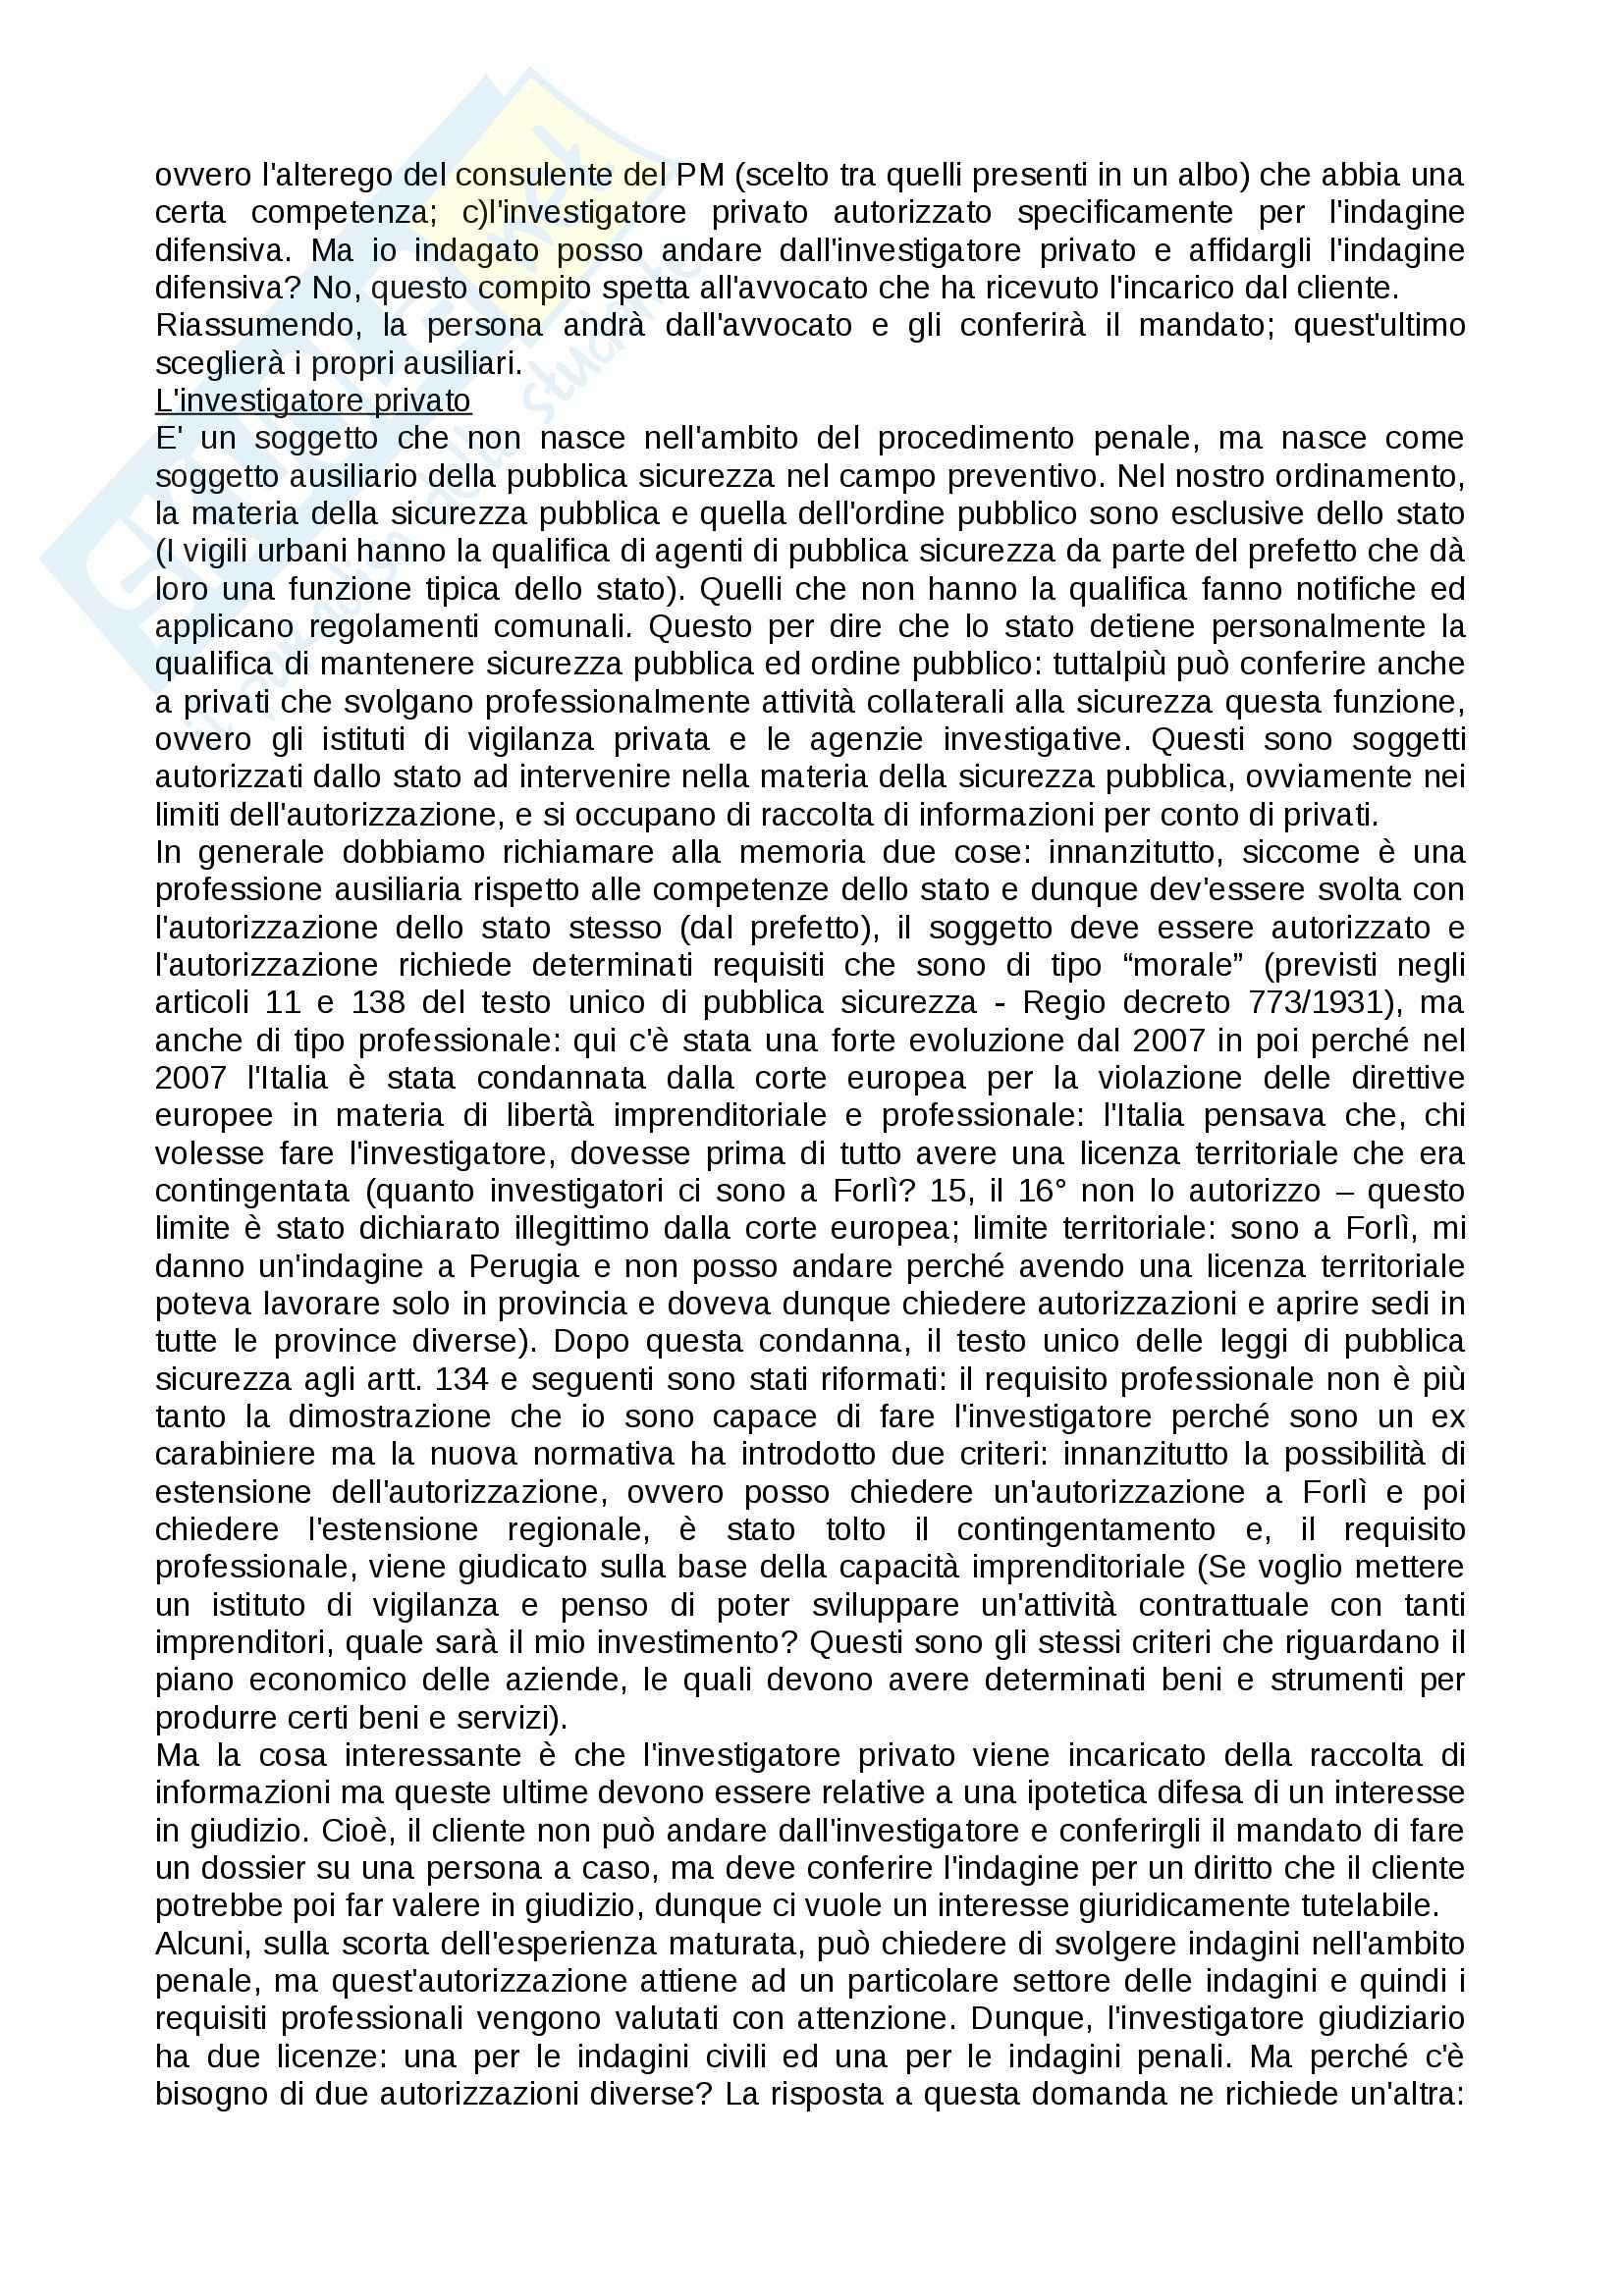 Tecniche investigative applicate - Appunti Pag. 26